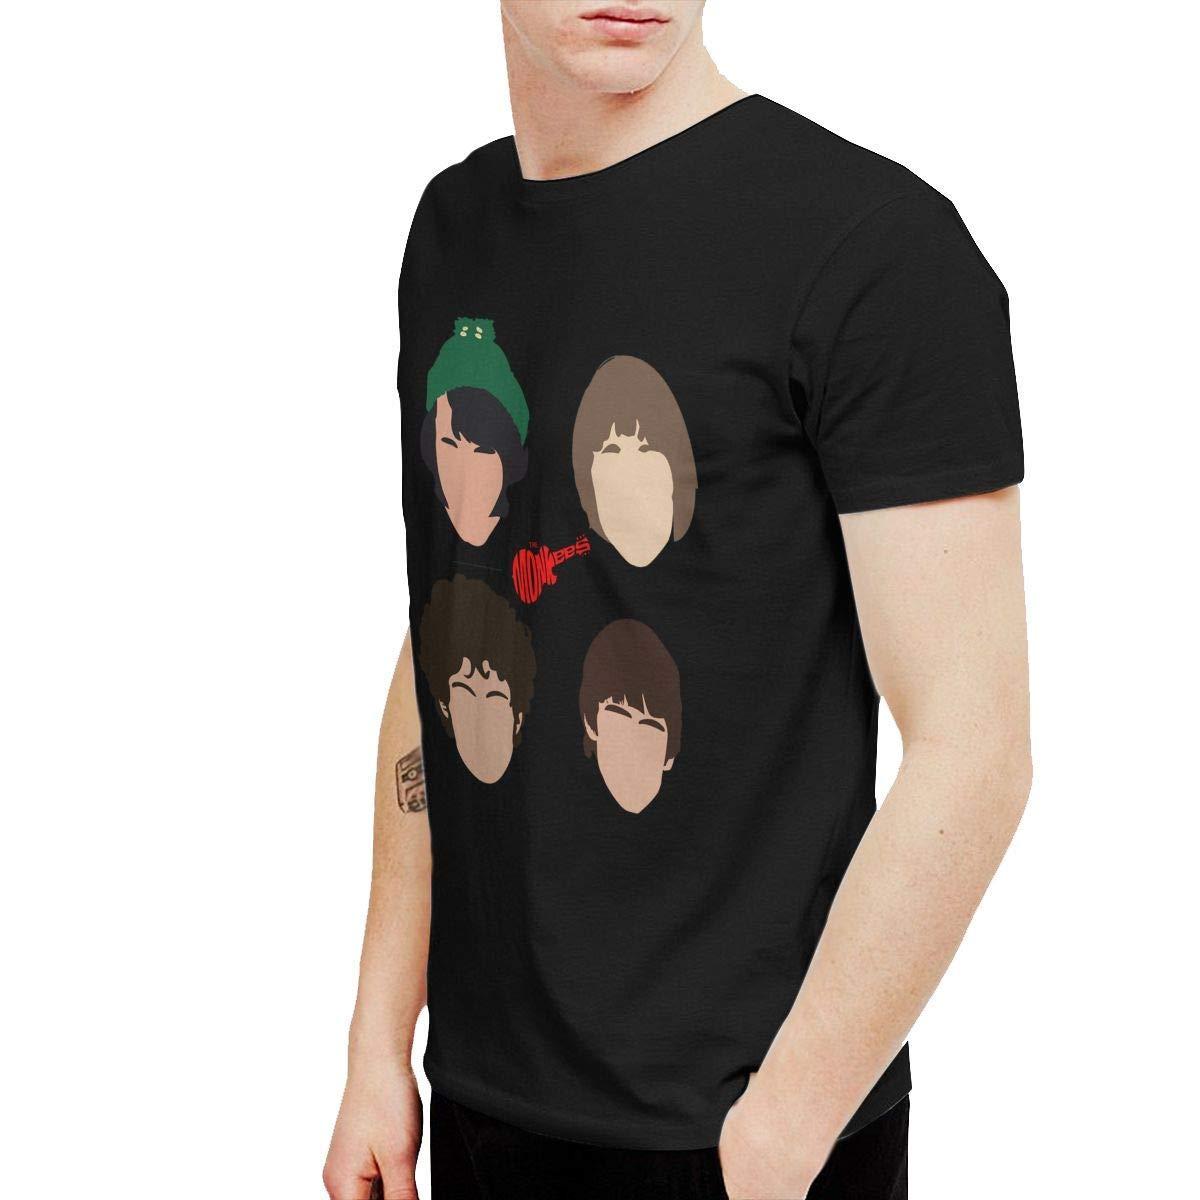 K-deio The Monkees Mens Tshirt Black